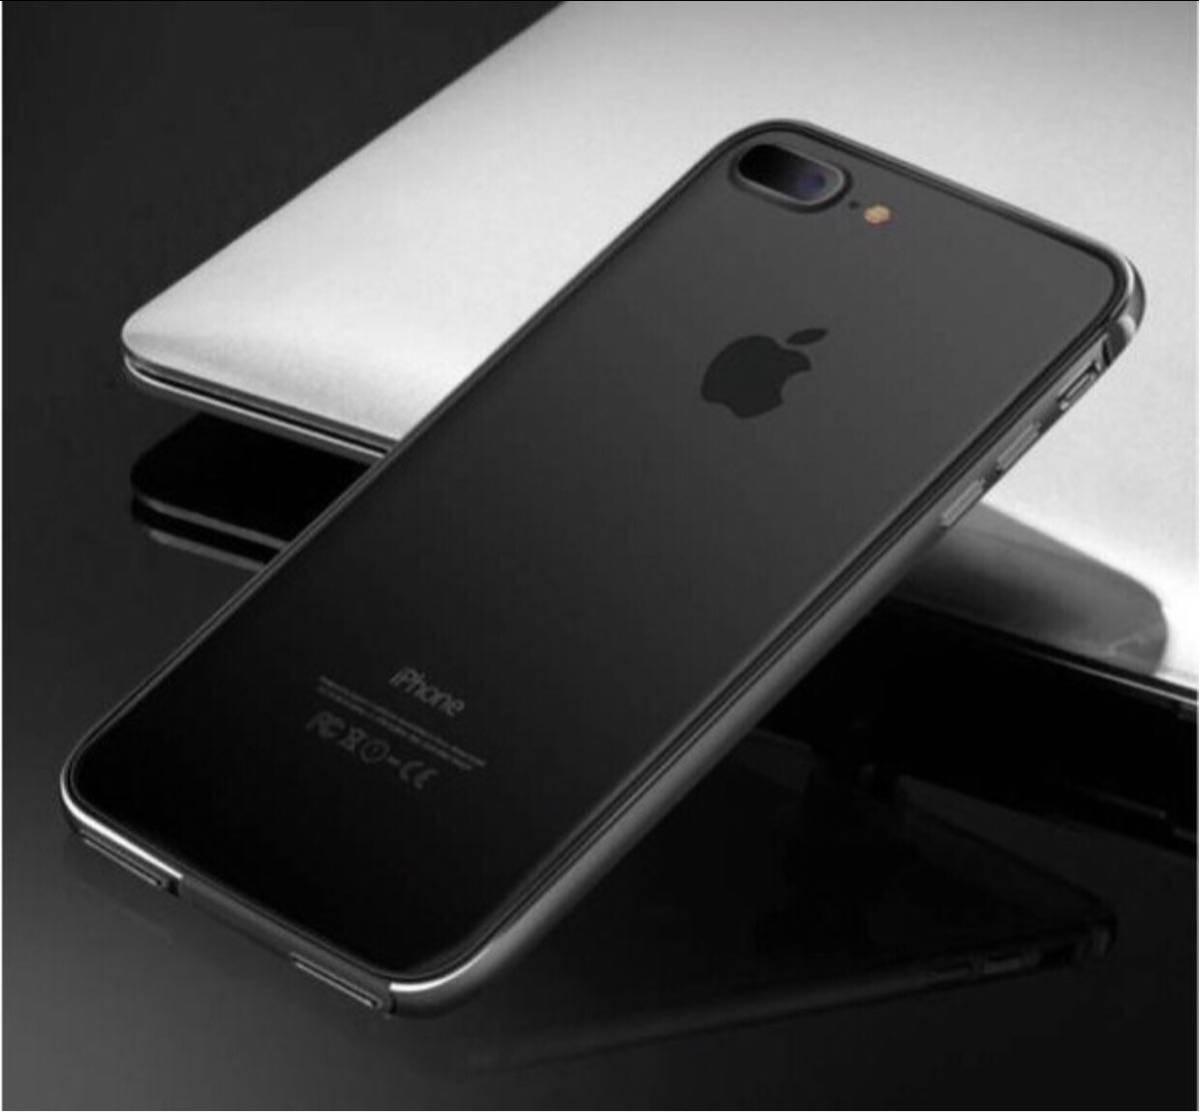 超人気 黒iPhoneX 7/7plus 8/8plus ケース 機種選択 人気1位 オススメ こだわり素材アルミ合金 シリコン 二重保護 超安心ケース_画像4